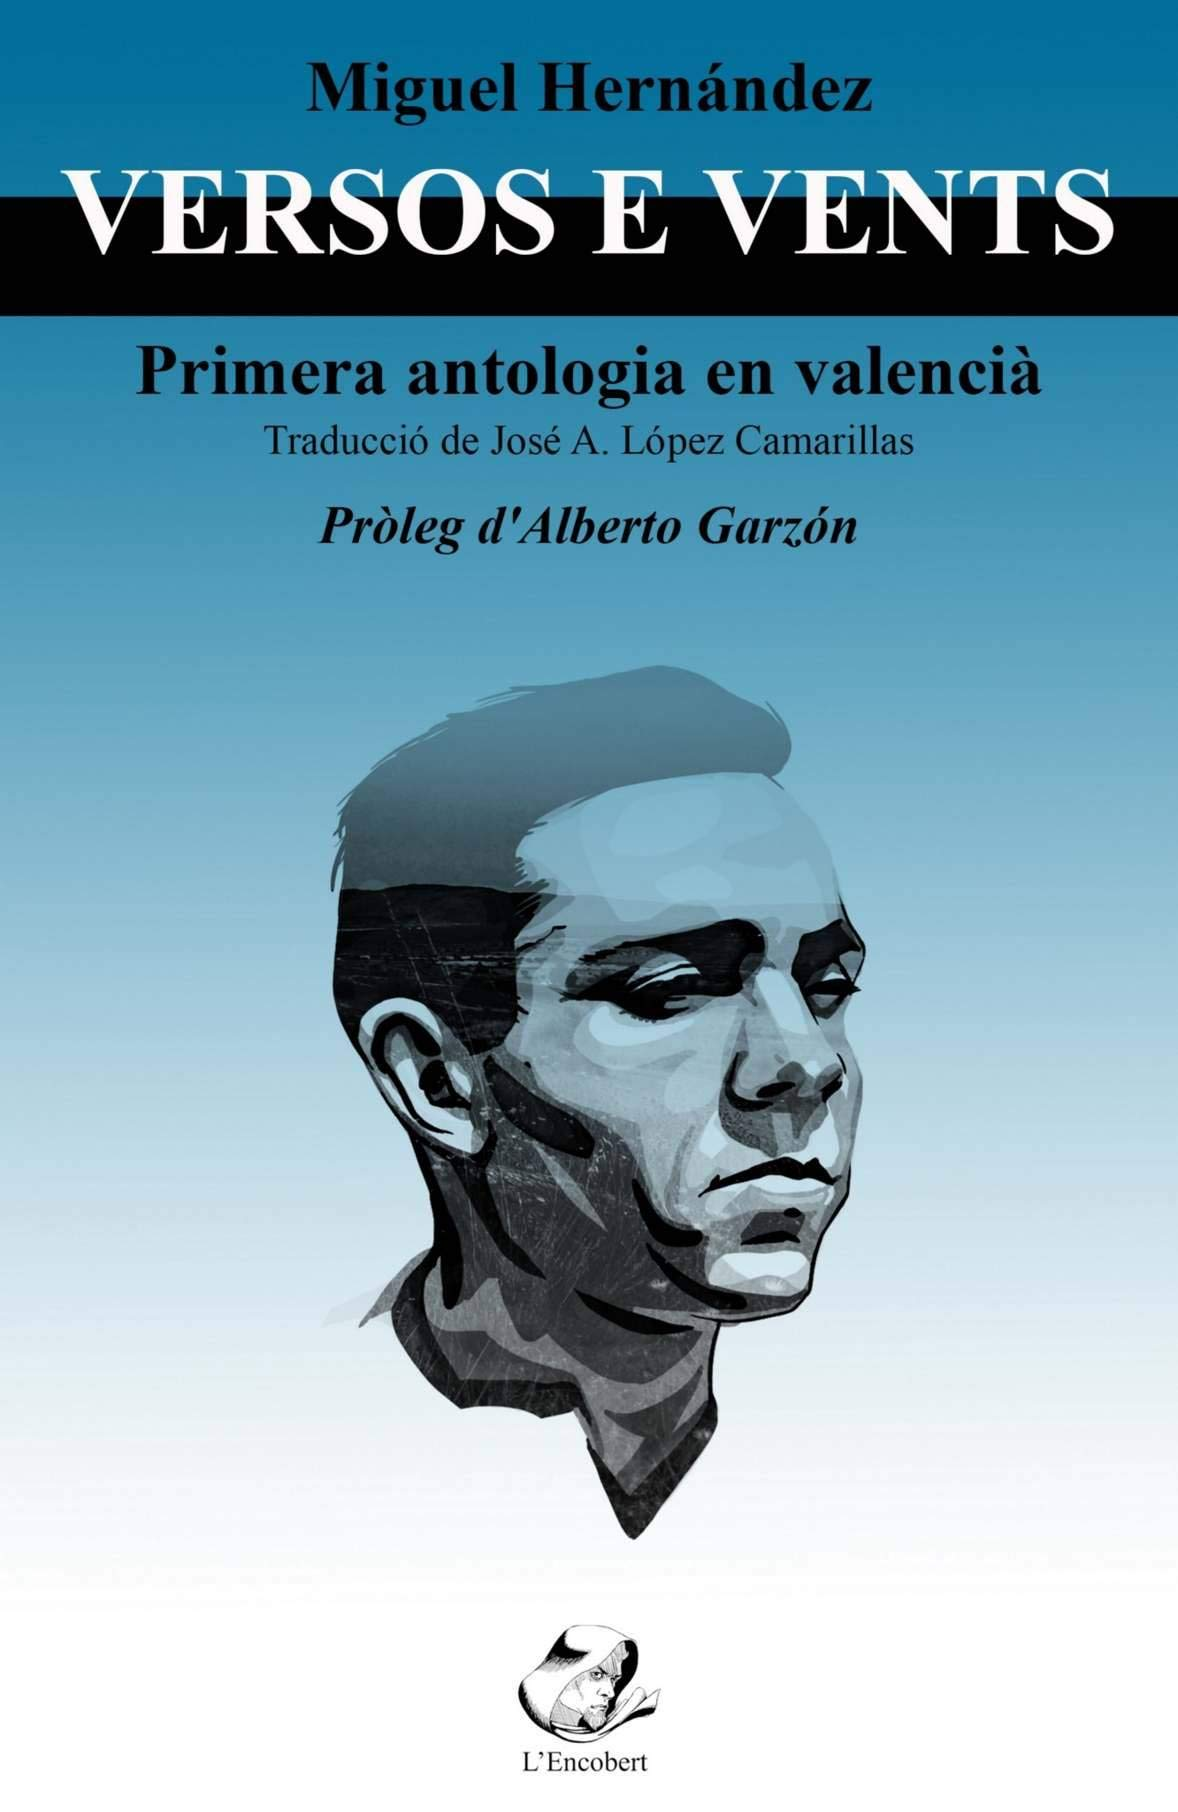 Miguel Hernández: versos e vents: Primera traducció al valencià (Catalan Edition)